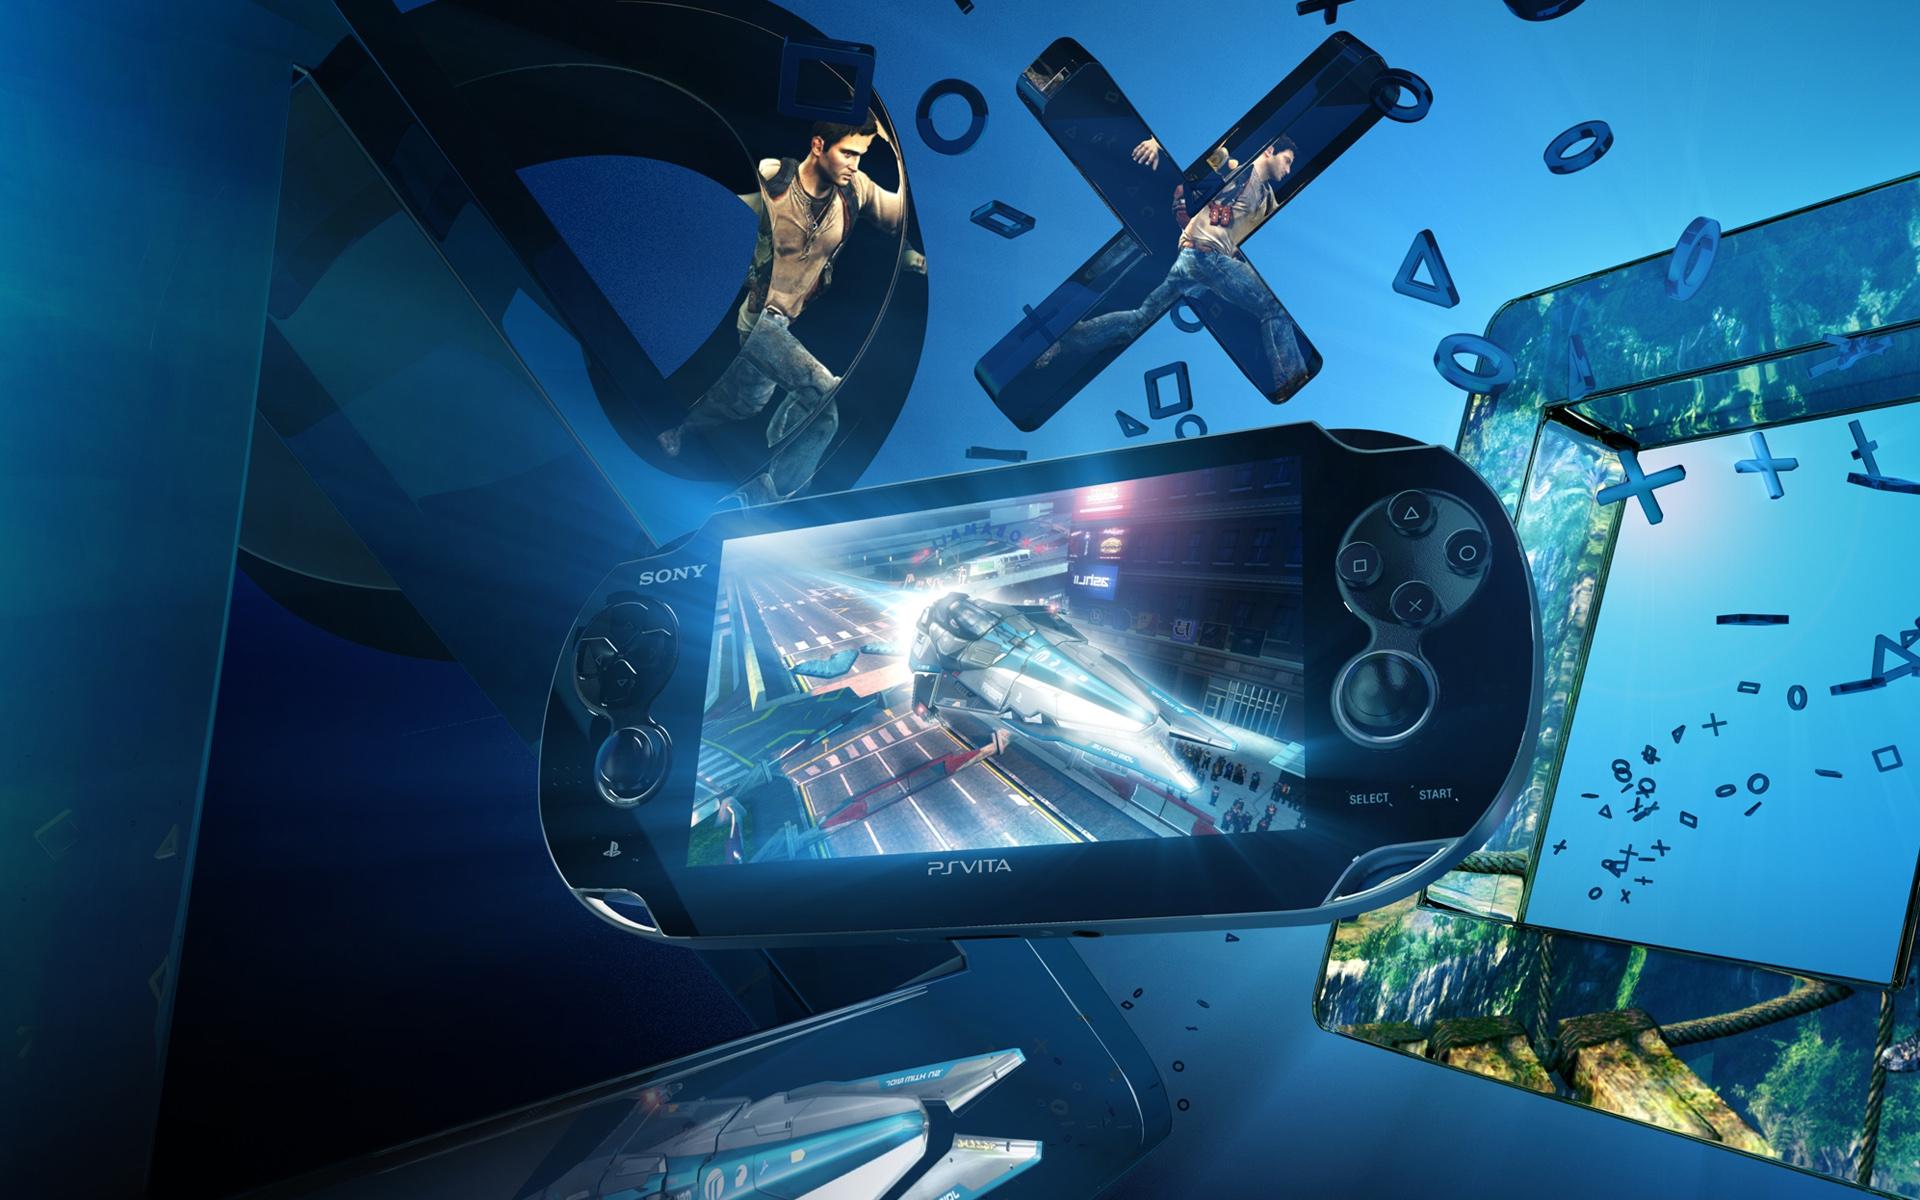 Sony blocca la produzione di PS Vita anche in Giappone